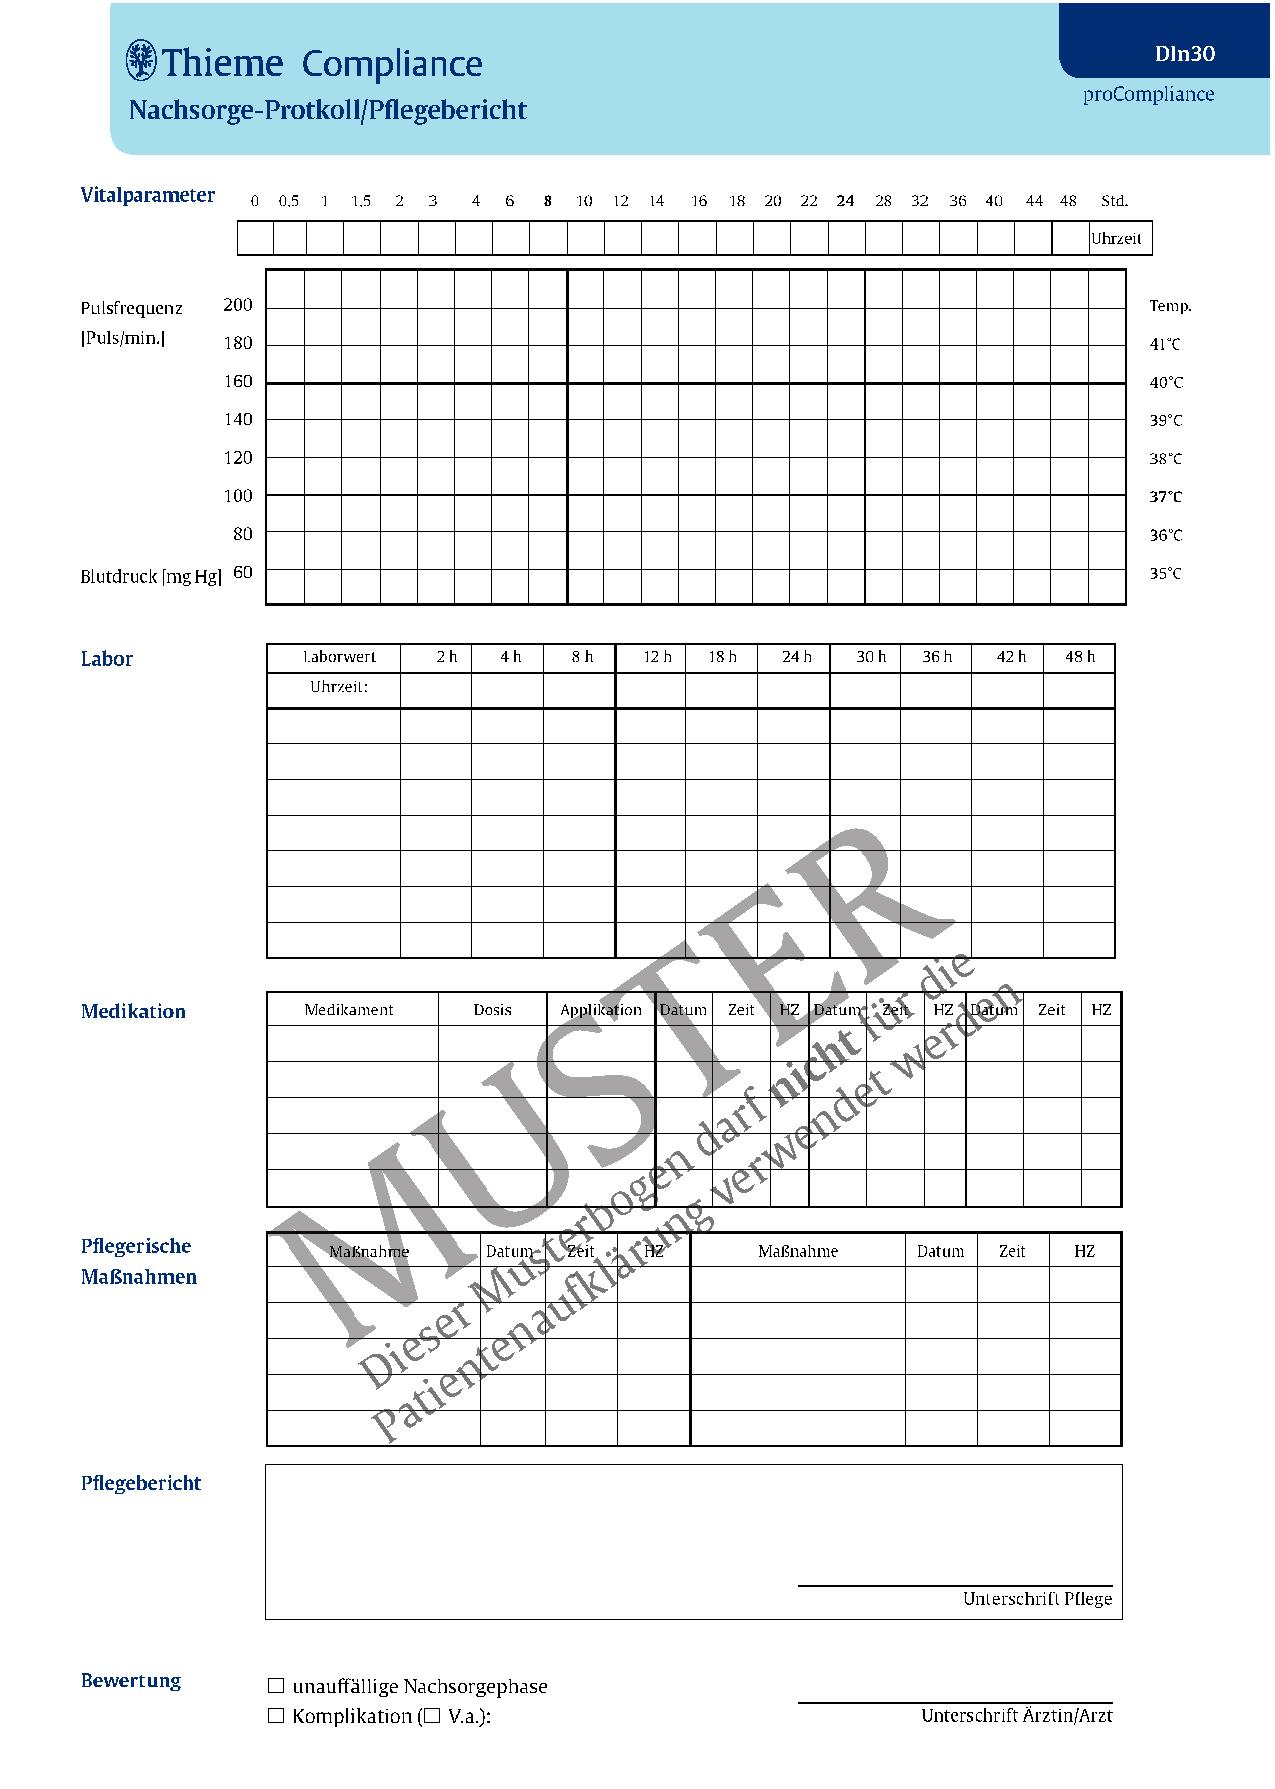 Niedlich Büro Depot Papier Vorlagen Fotos - Entry Level Resume ...